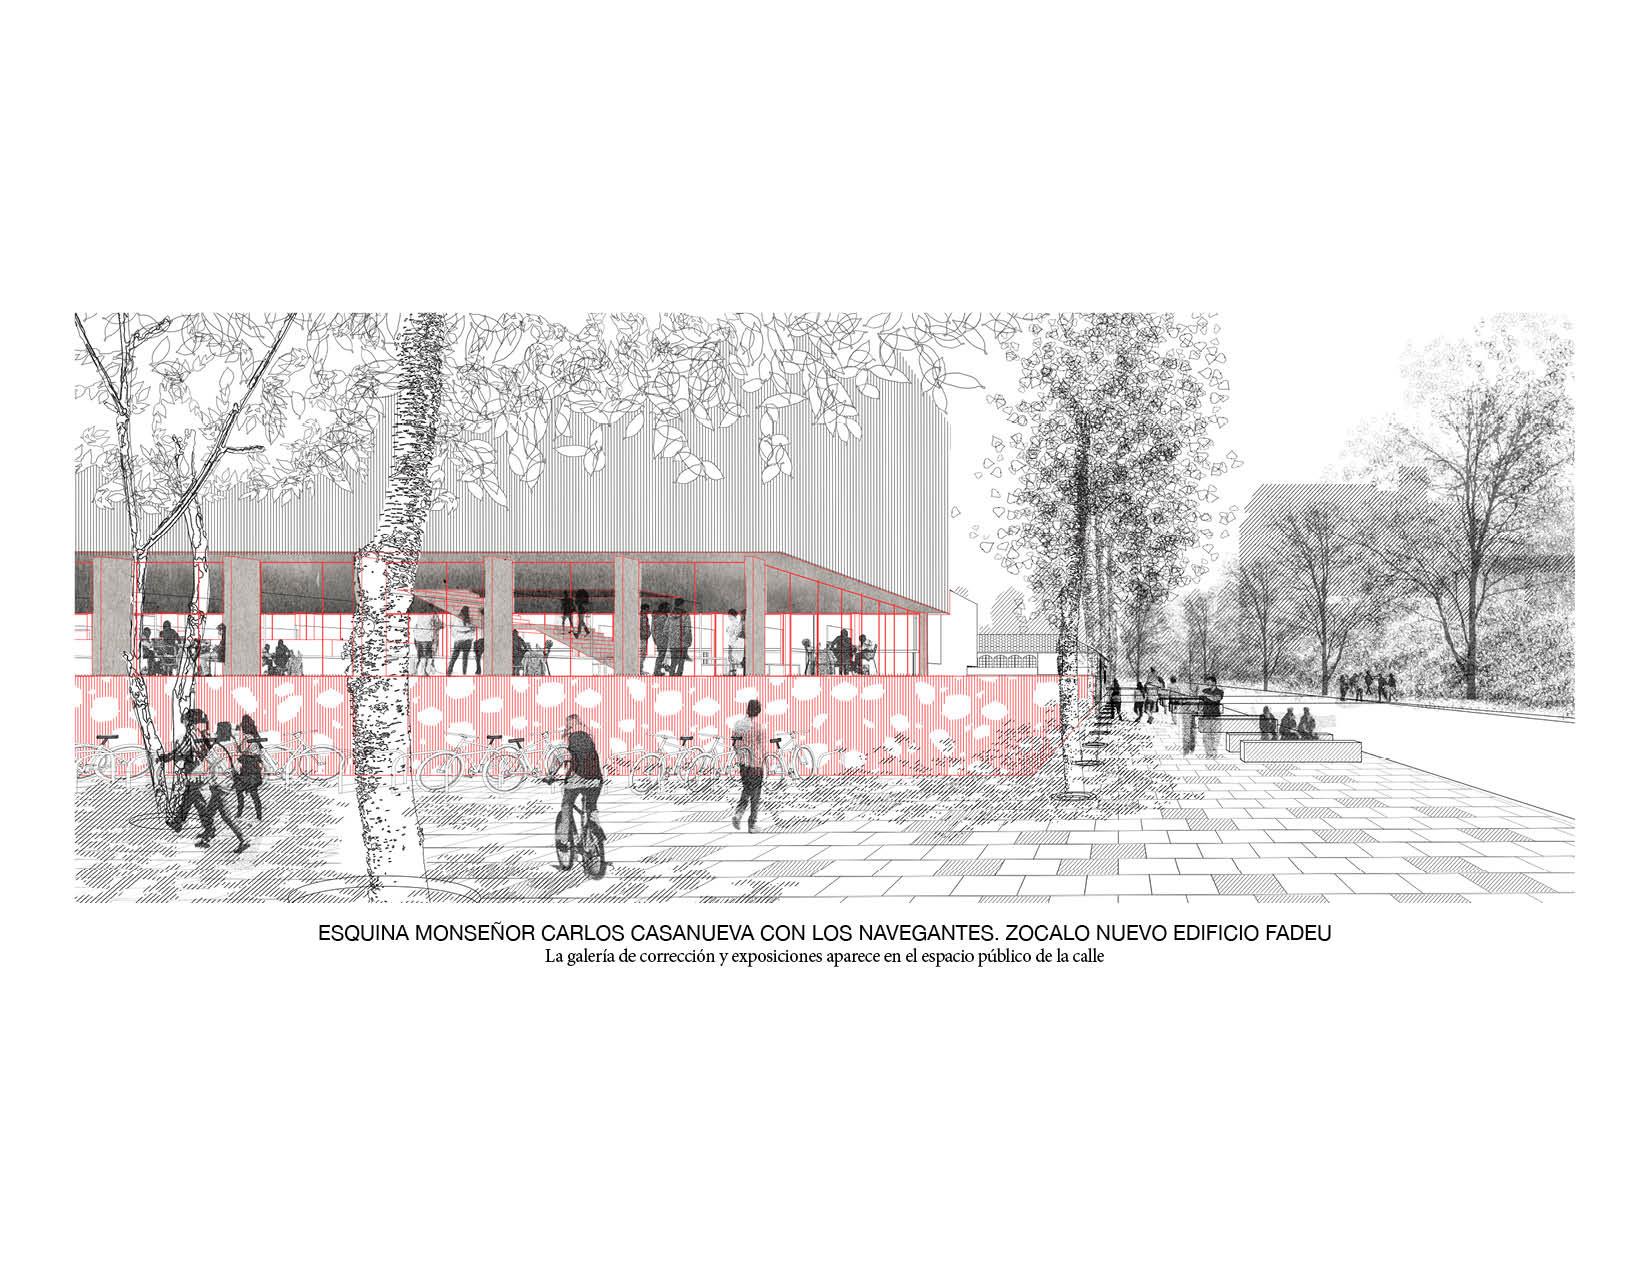 Zócalo del nuevo edificio FADEU. Image Cortesia de Beals + Lyon Arquitectos